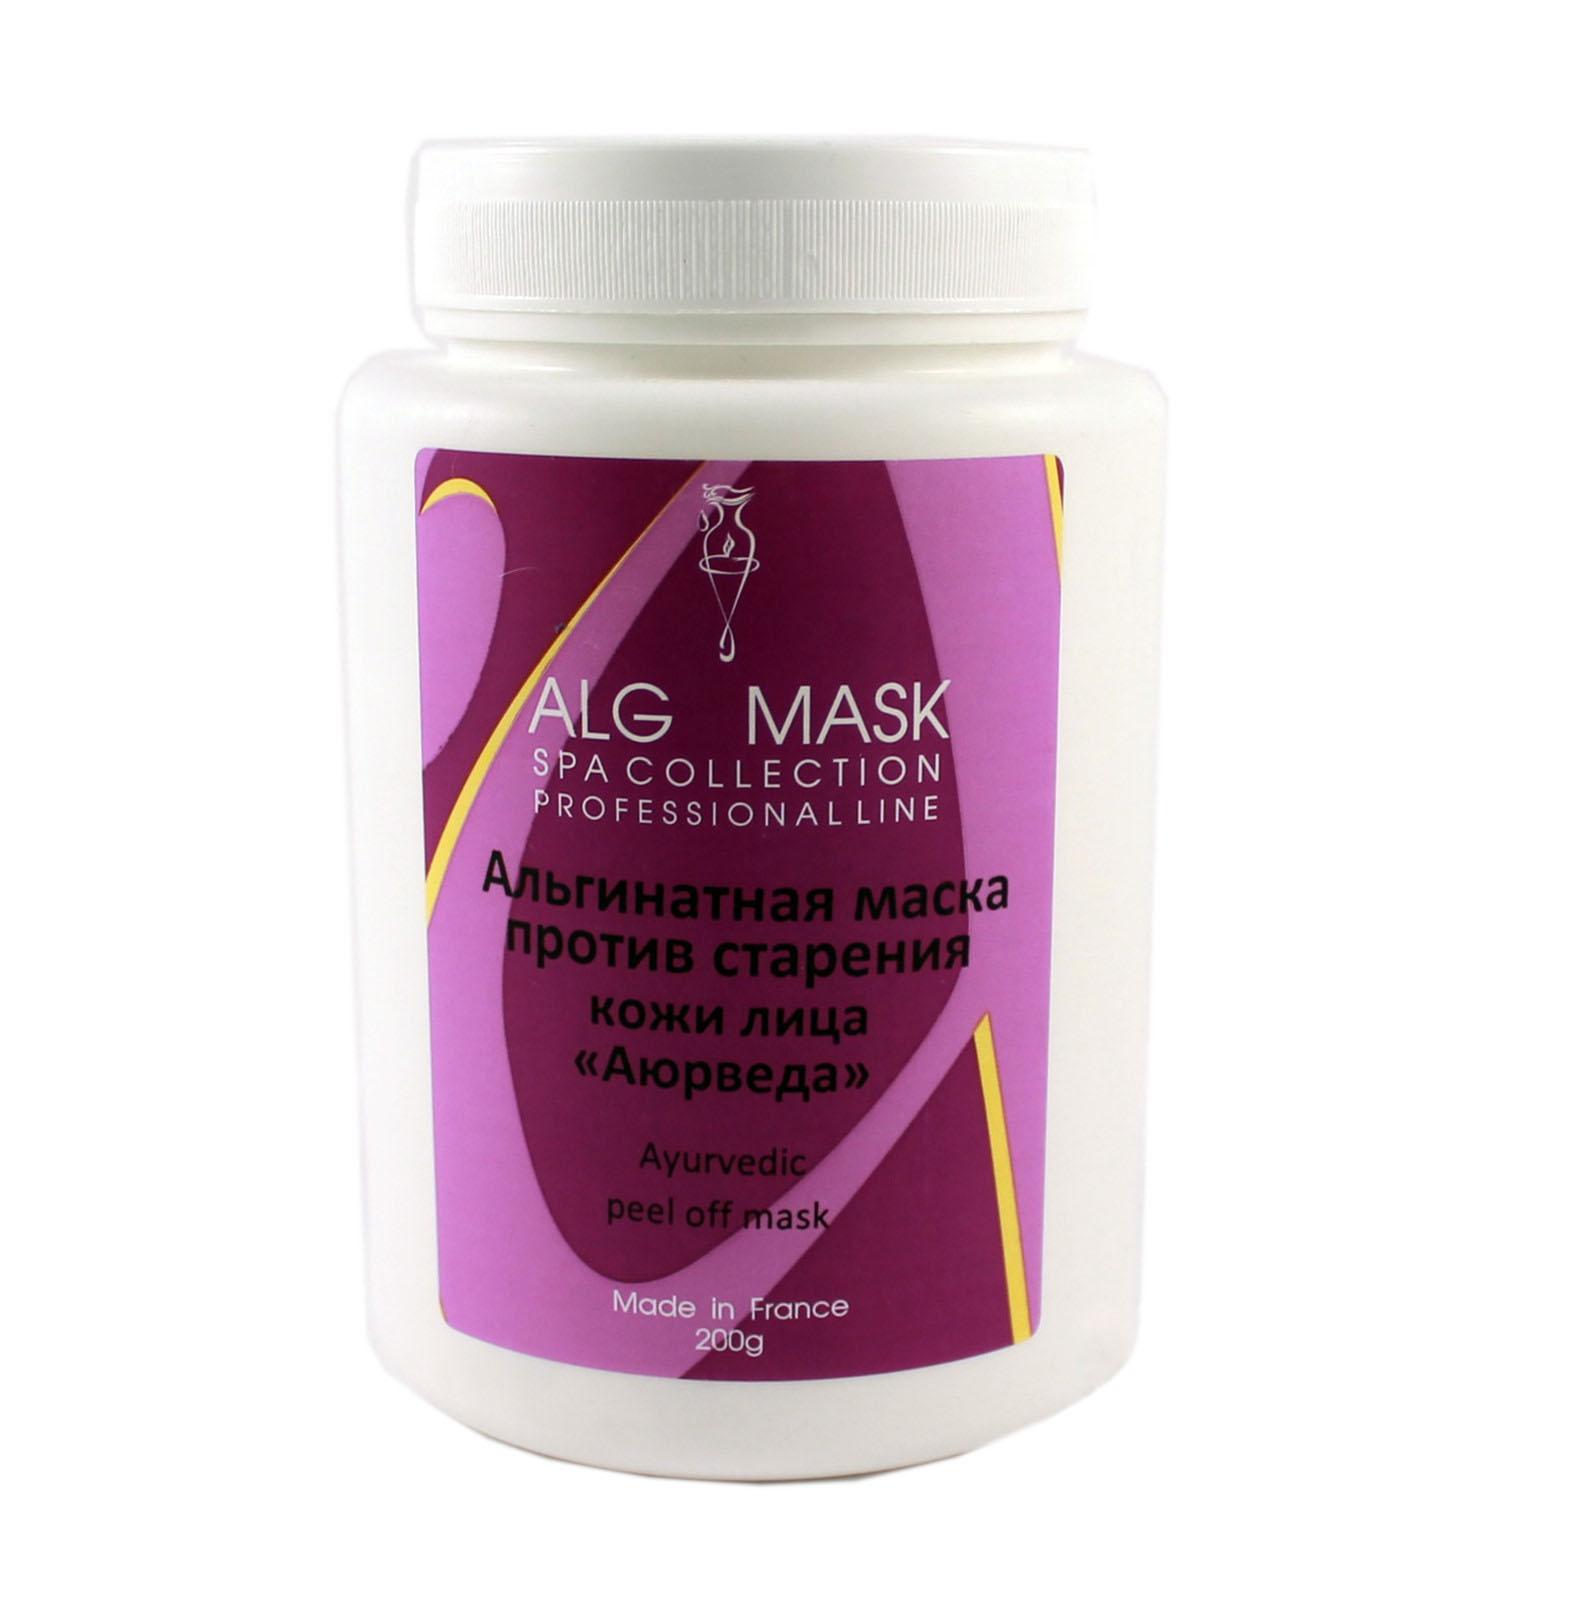 Купить Маски для лица Alg & Spa, Альгинатная маска Alg Spa Аюрведа против старения кожи лица 500 г